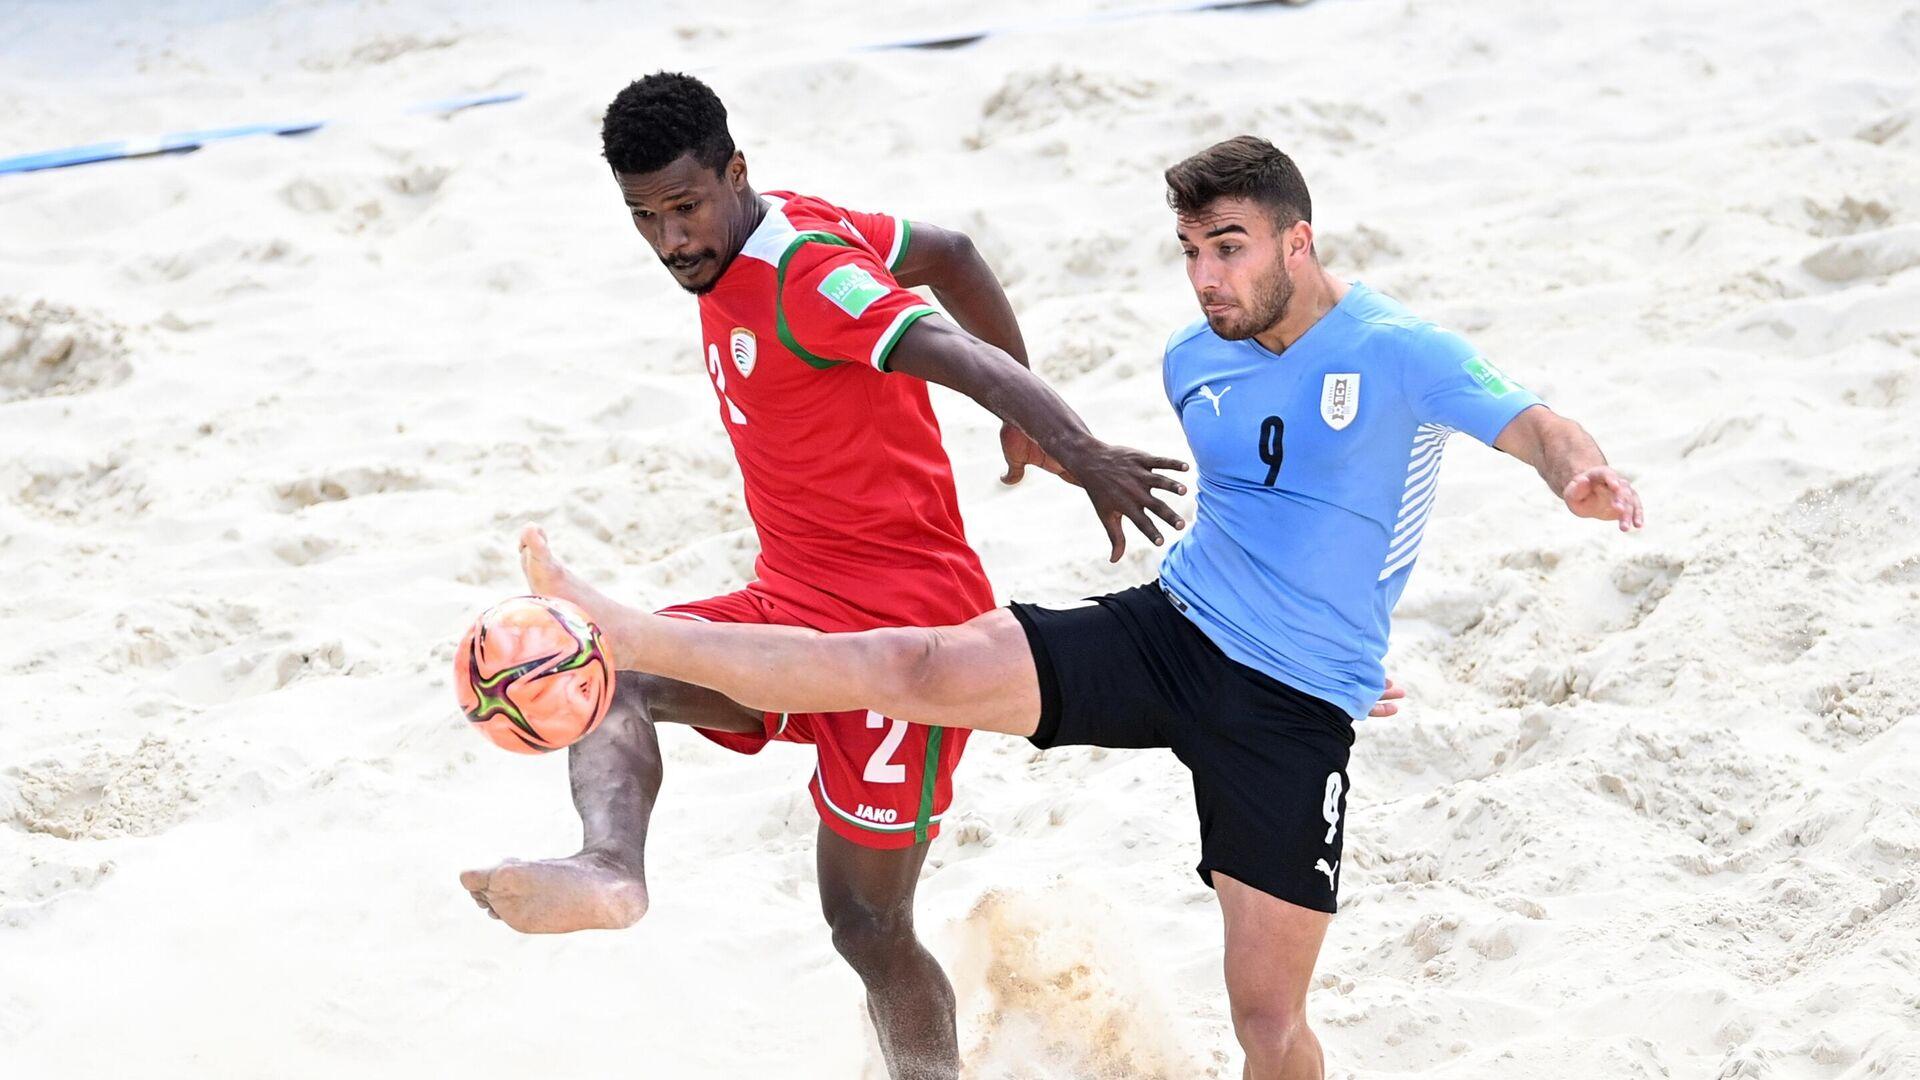 Слева направо: Абдулла Аль-Саути (Оман) и Андрес Лаэнс (Уругвай) в матче группового этапа чемпионата мира по пляжному футболу 2021 между сборными командами Уругвая и Омана. - РИА Новости, 1920, 22.08.2021